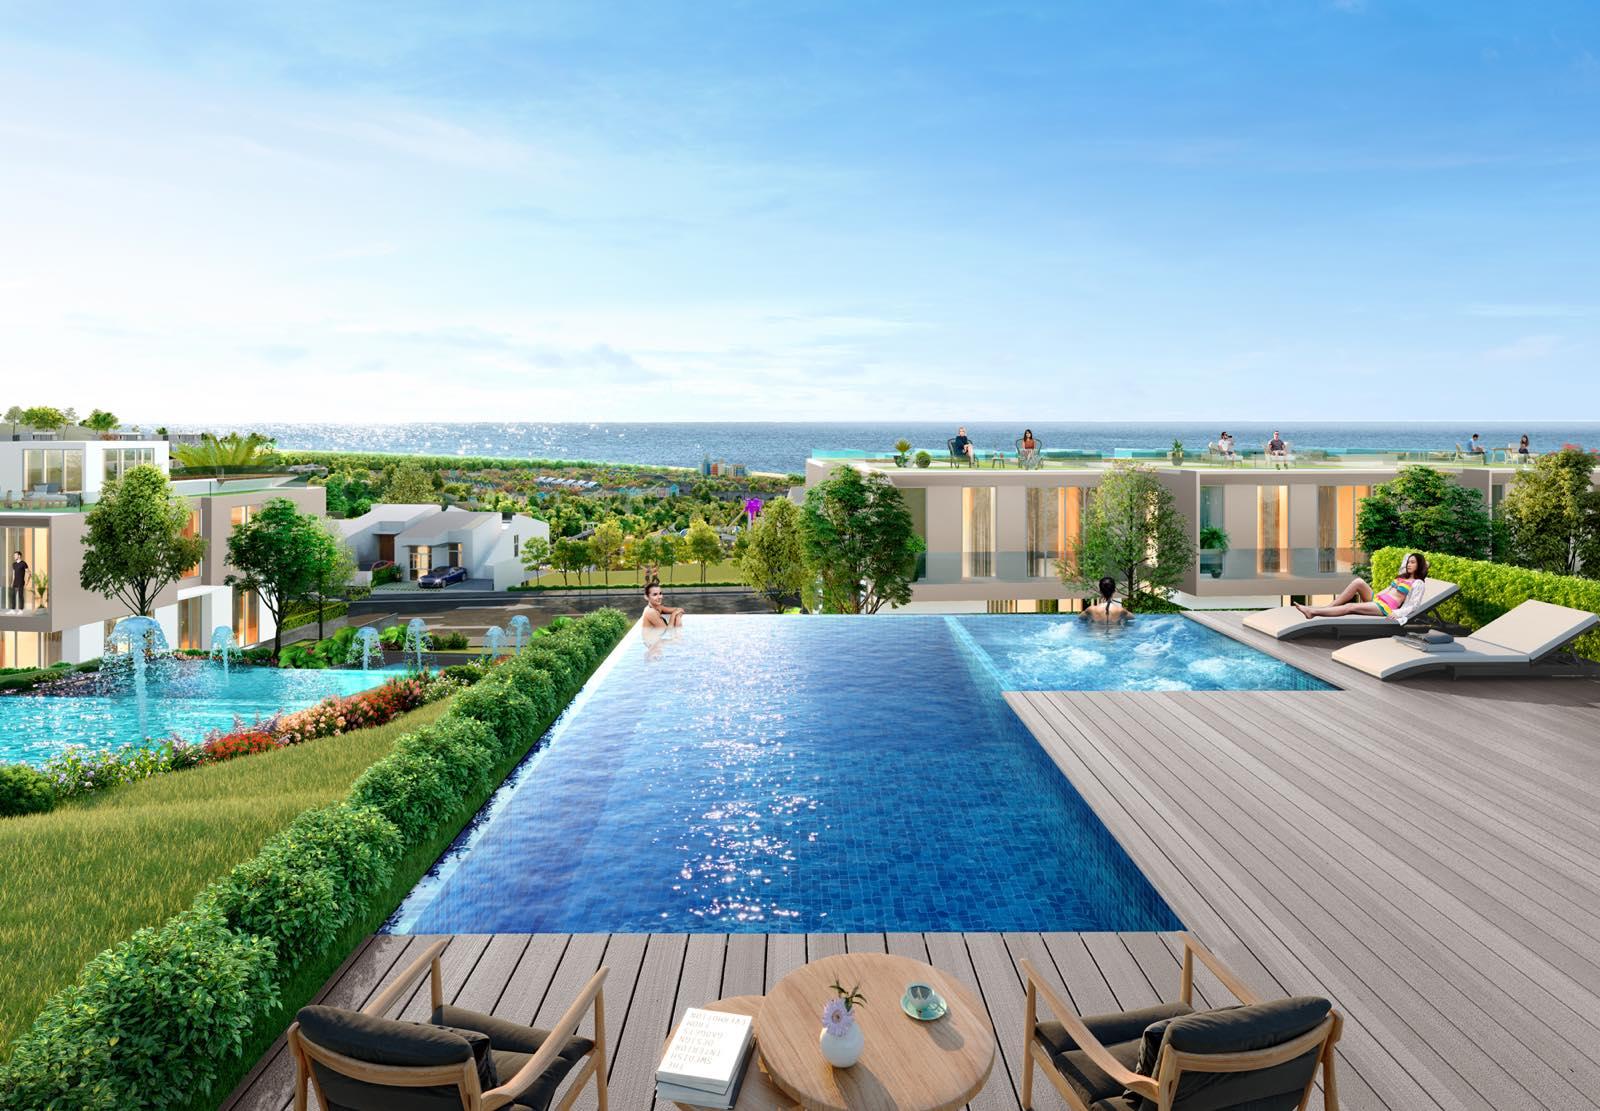 Waikiki tọa lạc tại sườn đồi cao 52-70 m so với mực nước biển và thuộc lõi trung tâm NovaWorld Phan Thiet. Ảnh phối cảnh: Novaland.